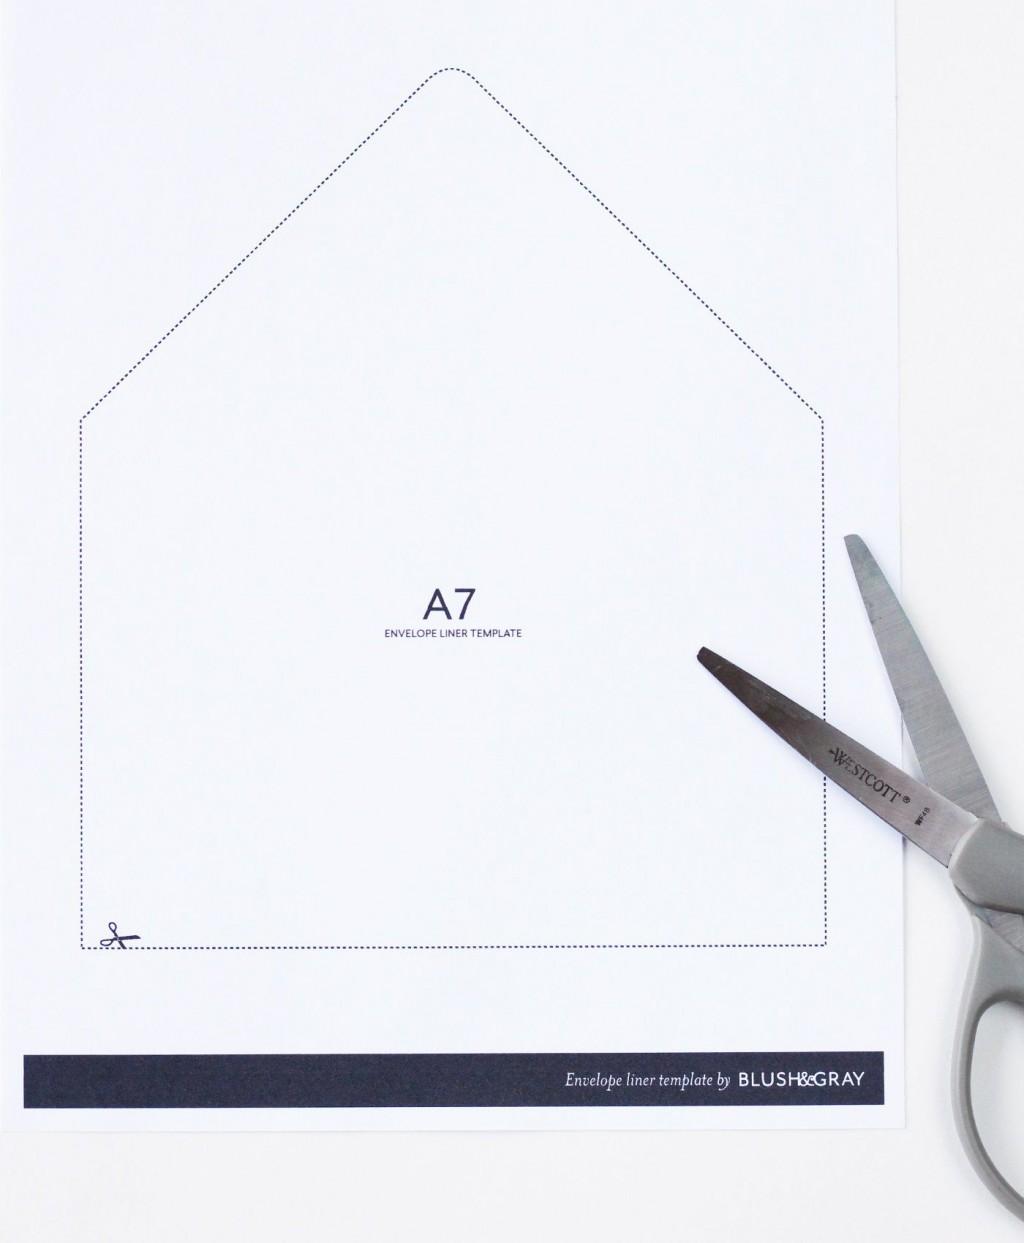 003 Impressive A7 Envelope Liner Template High Definition  Printable Illustrator FreeLarge